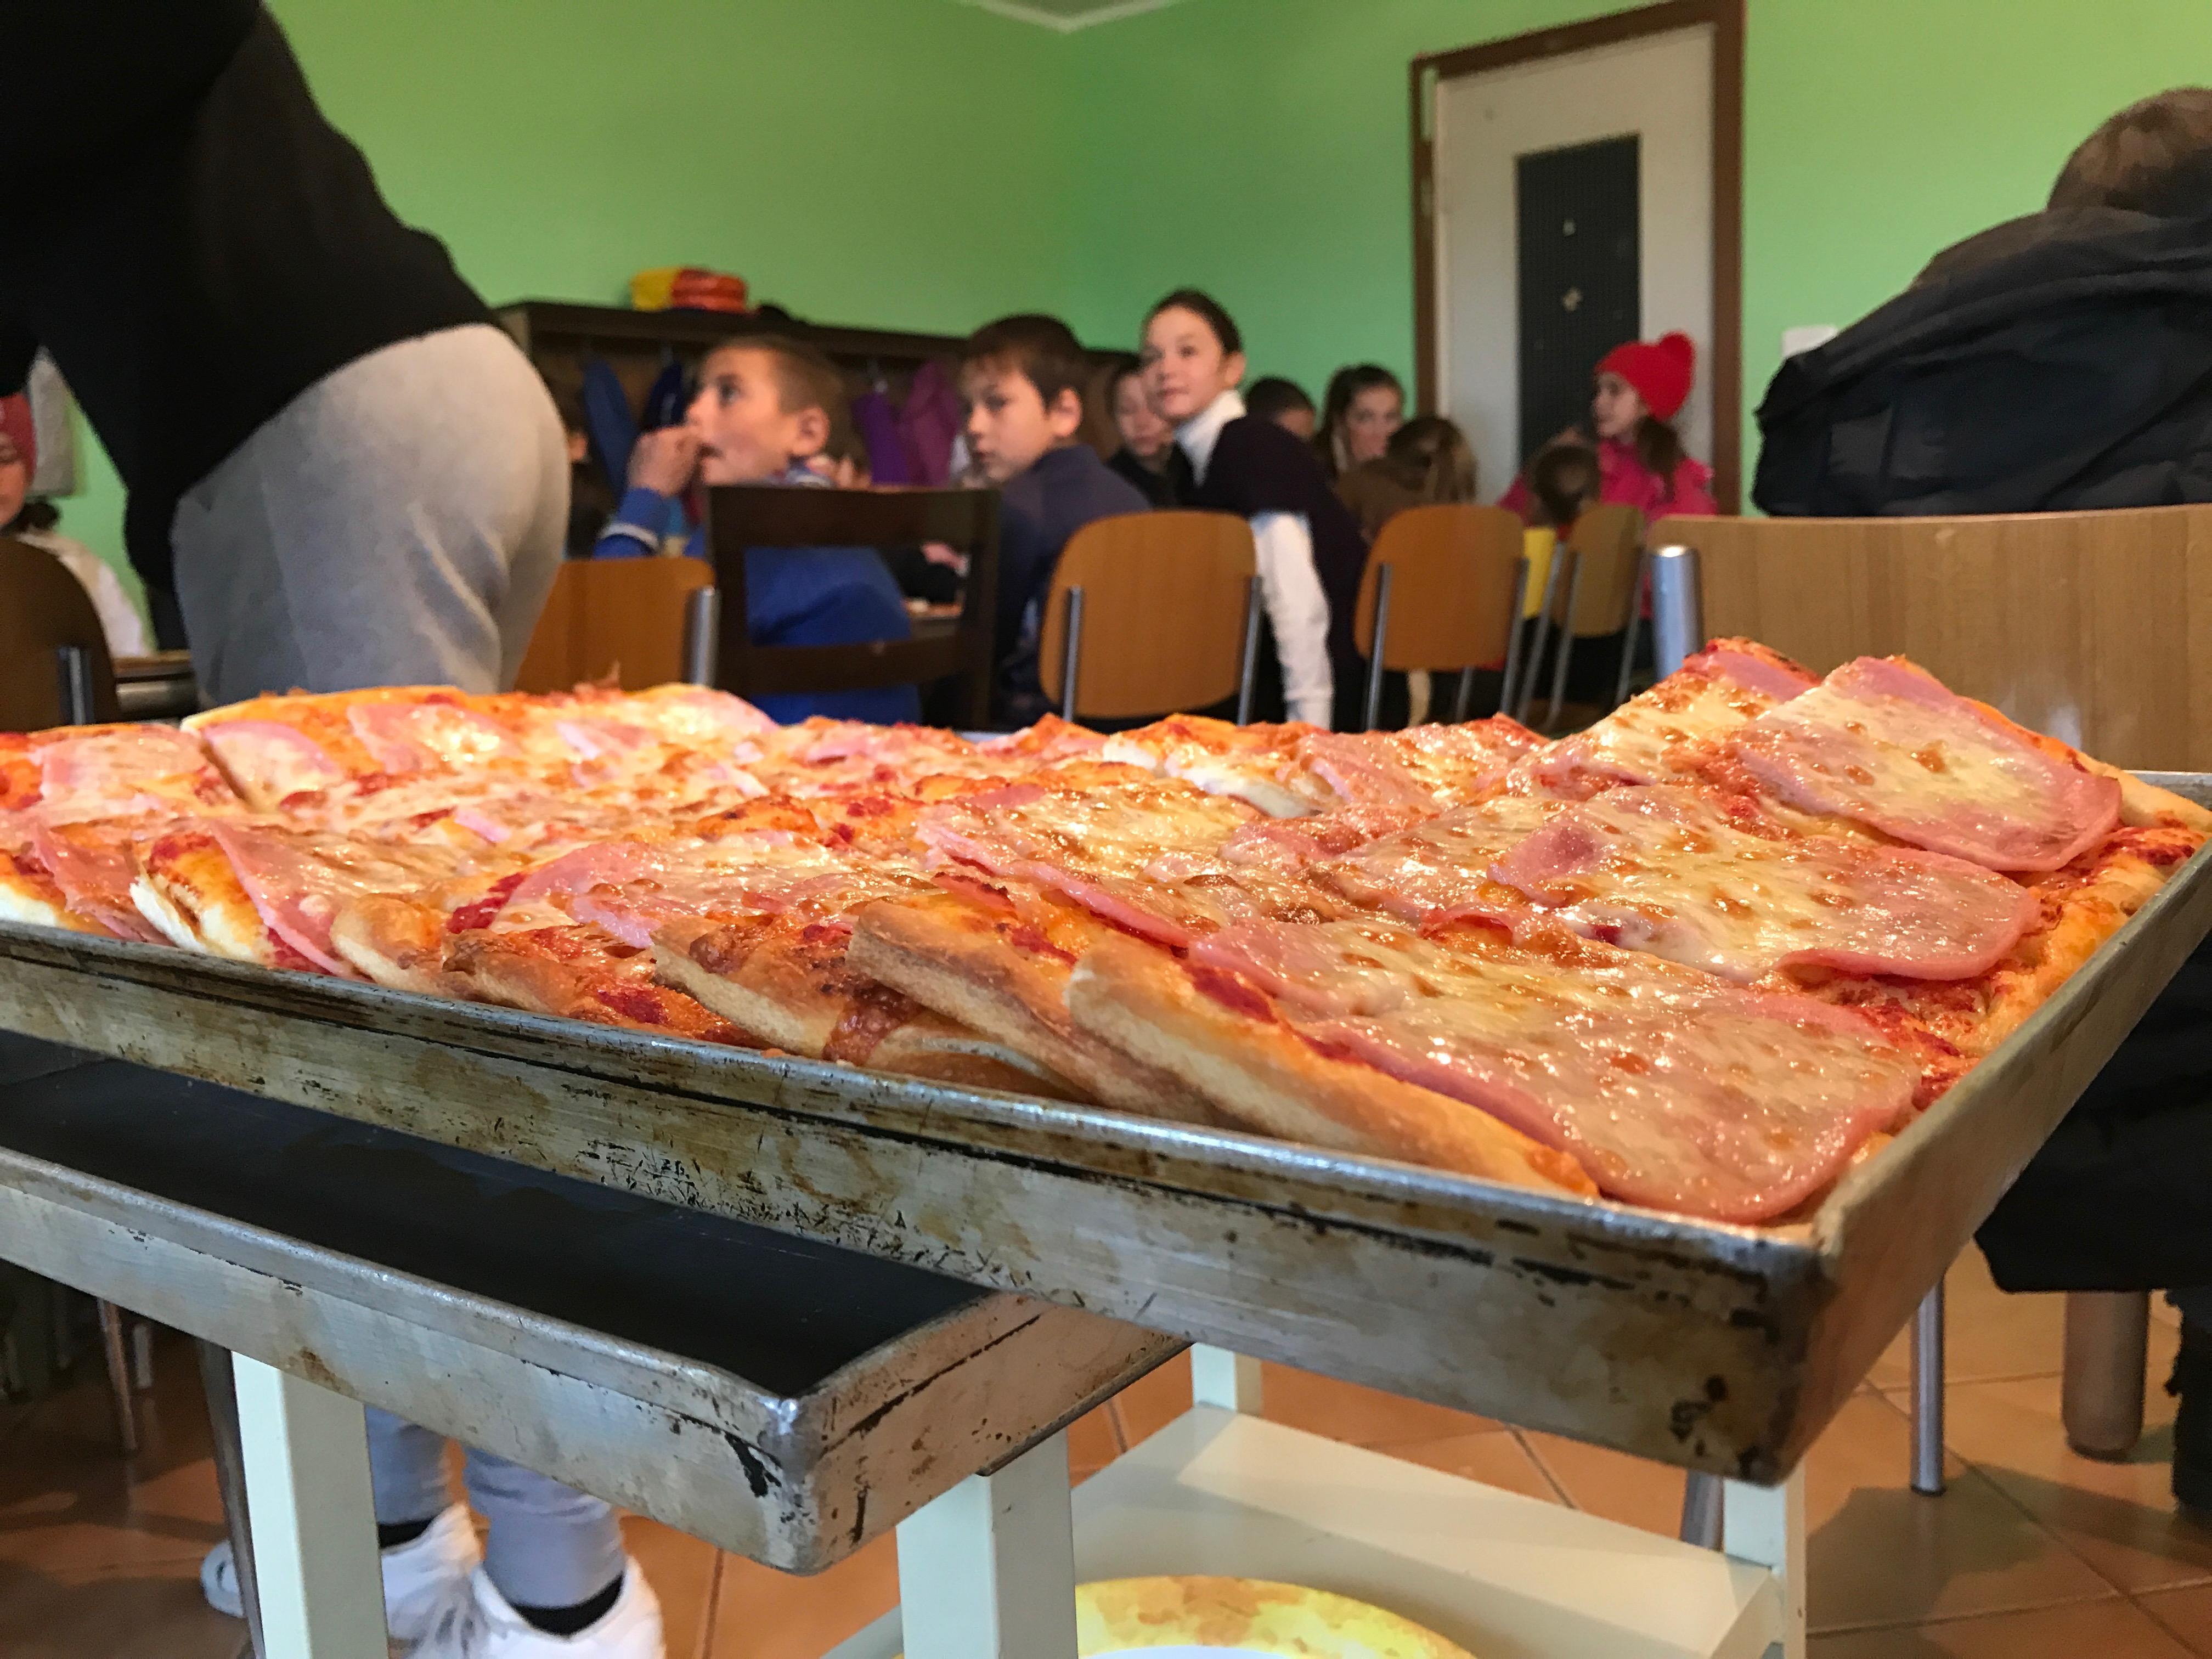 La pizza è pronta